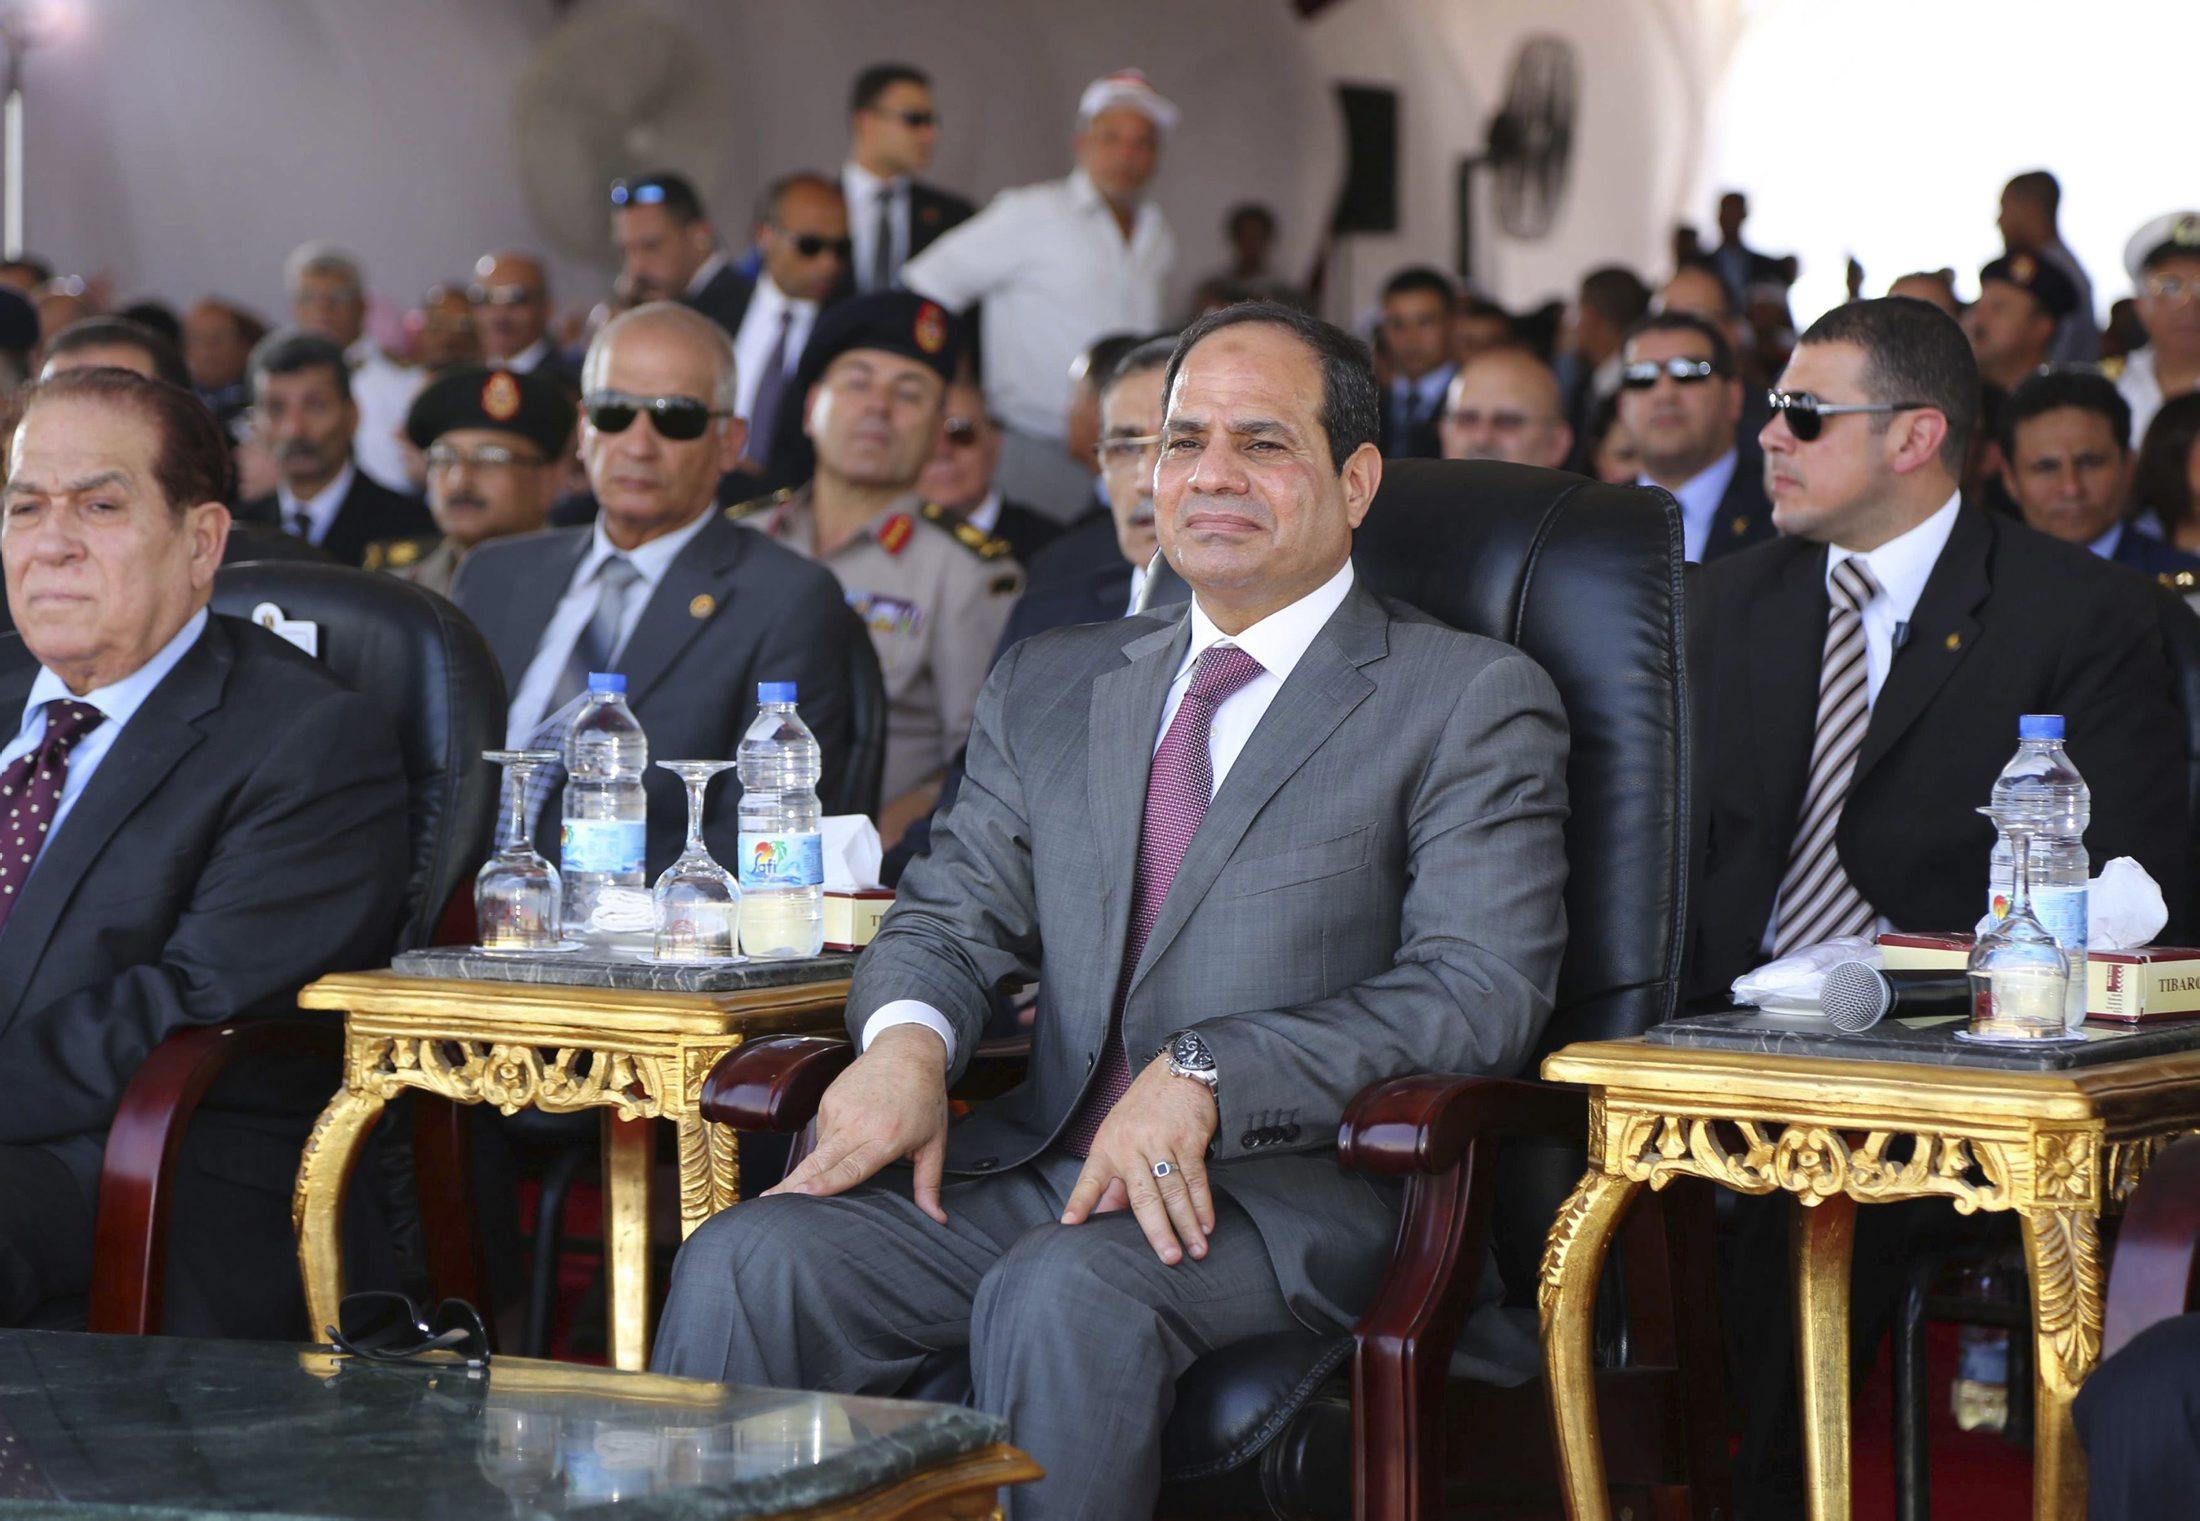 إسرائيل تعتمد على التنسيق الأمني مع مصر